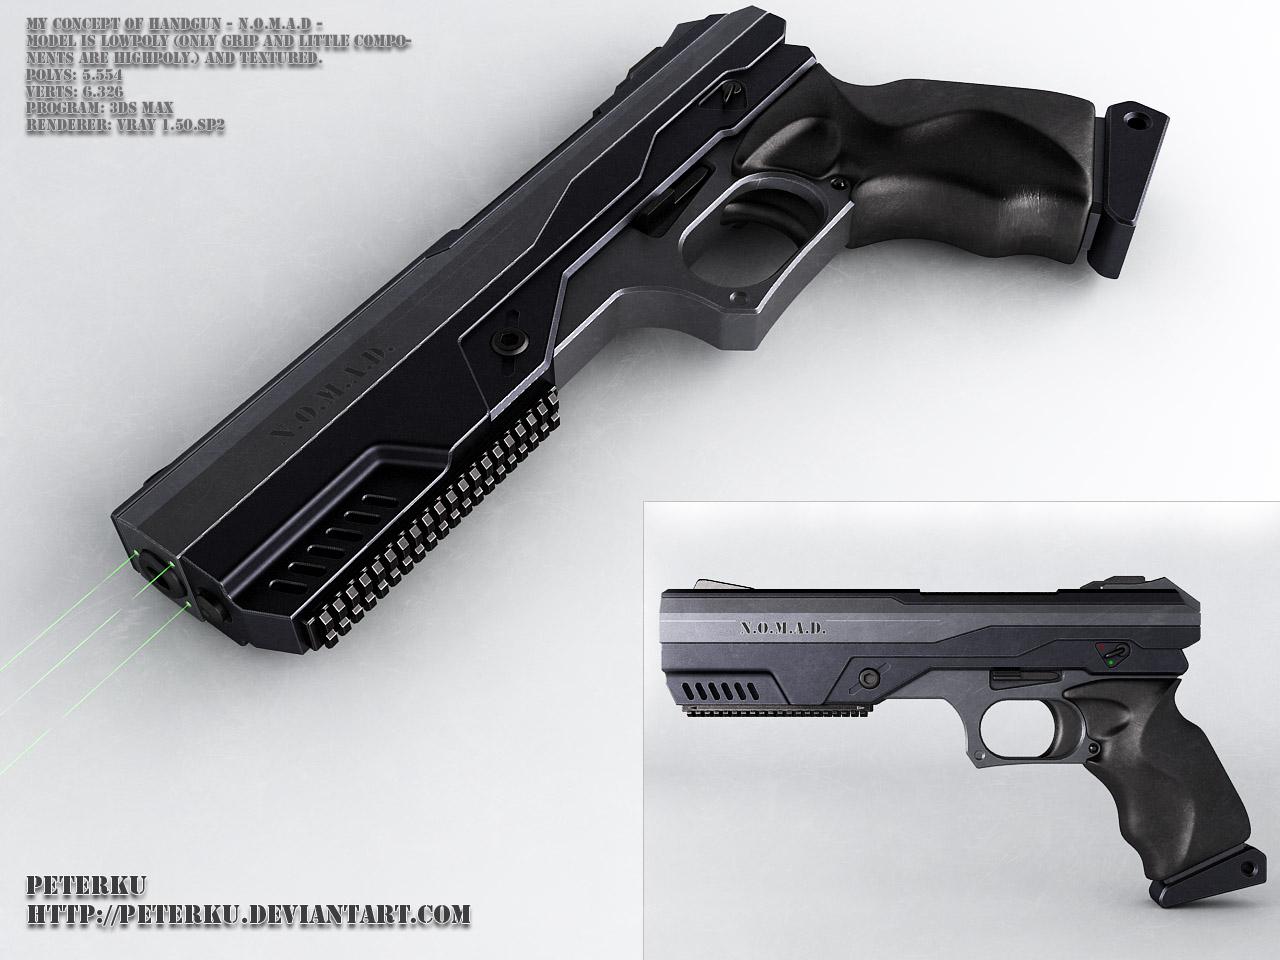 N.o.m.a.d  - handgun concept by peterku